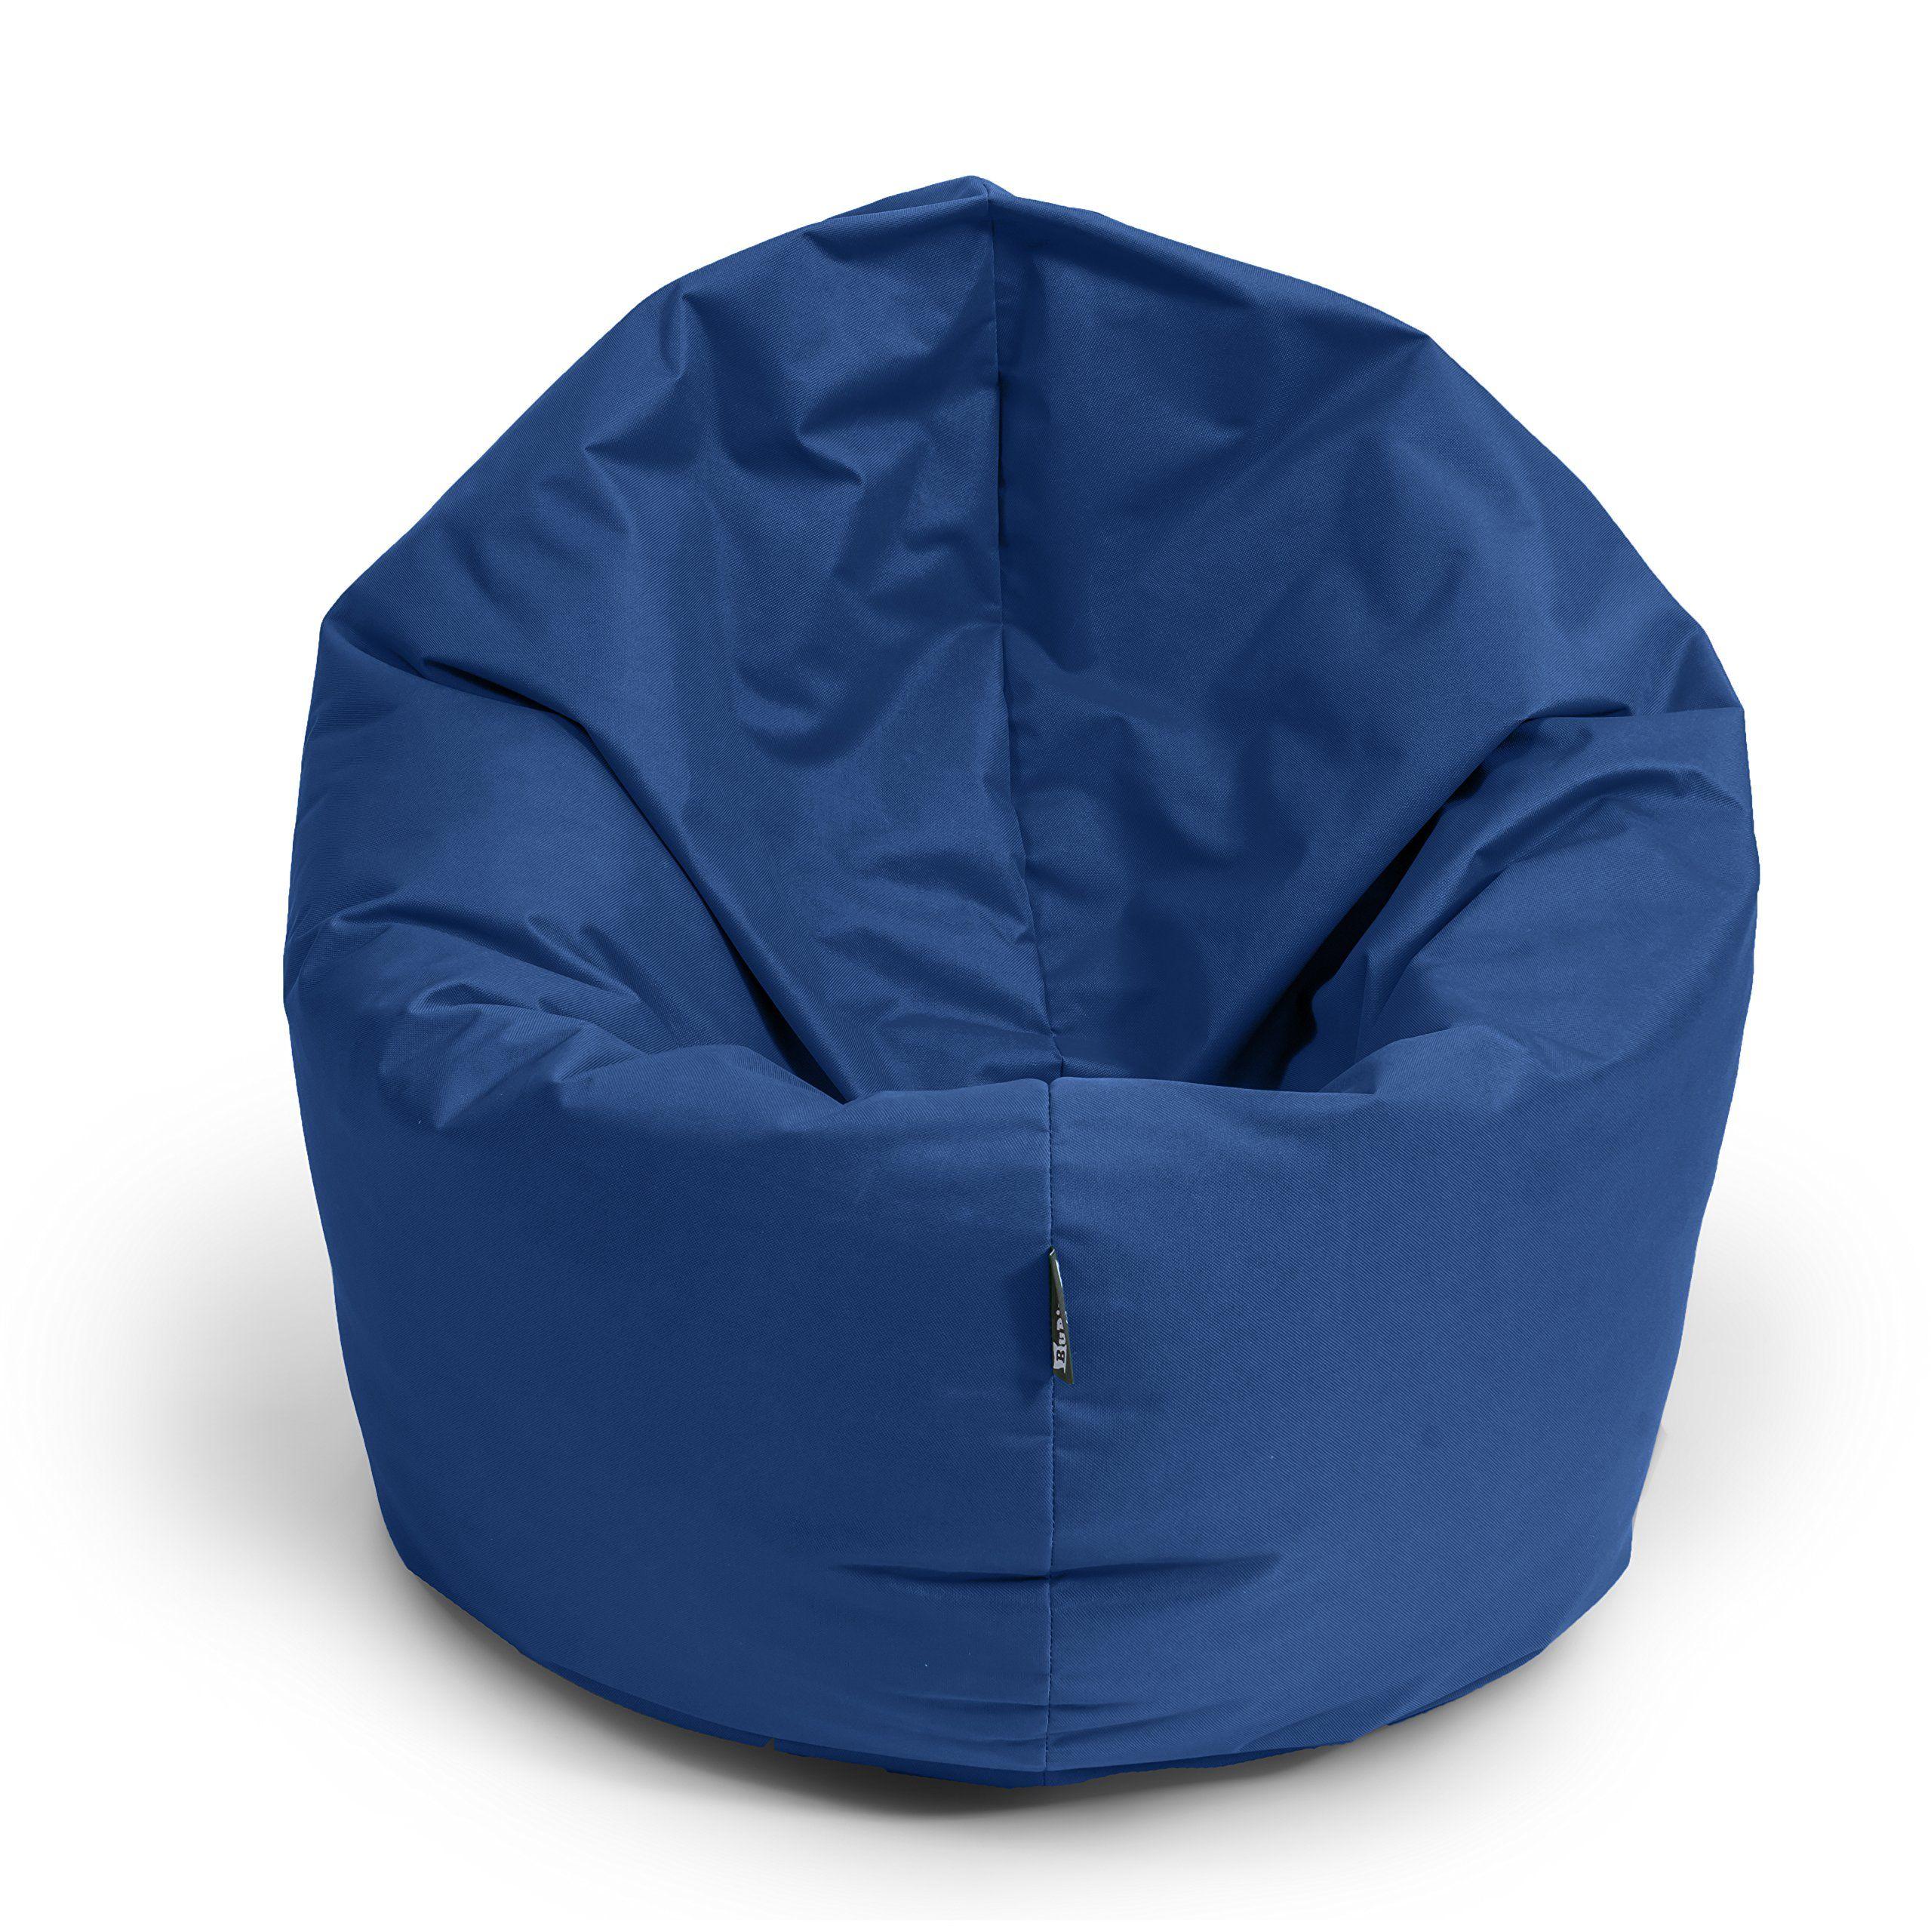 Bubibag Sitzsack 2 In 1 Funktion Sitzkissen Mit Eps Styroporf Llung 32 Farben Bodenkissen Kissen Sessel Sofa 125cm Dunkelblau M Sitzkissen Bodenkissen Sitzen